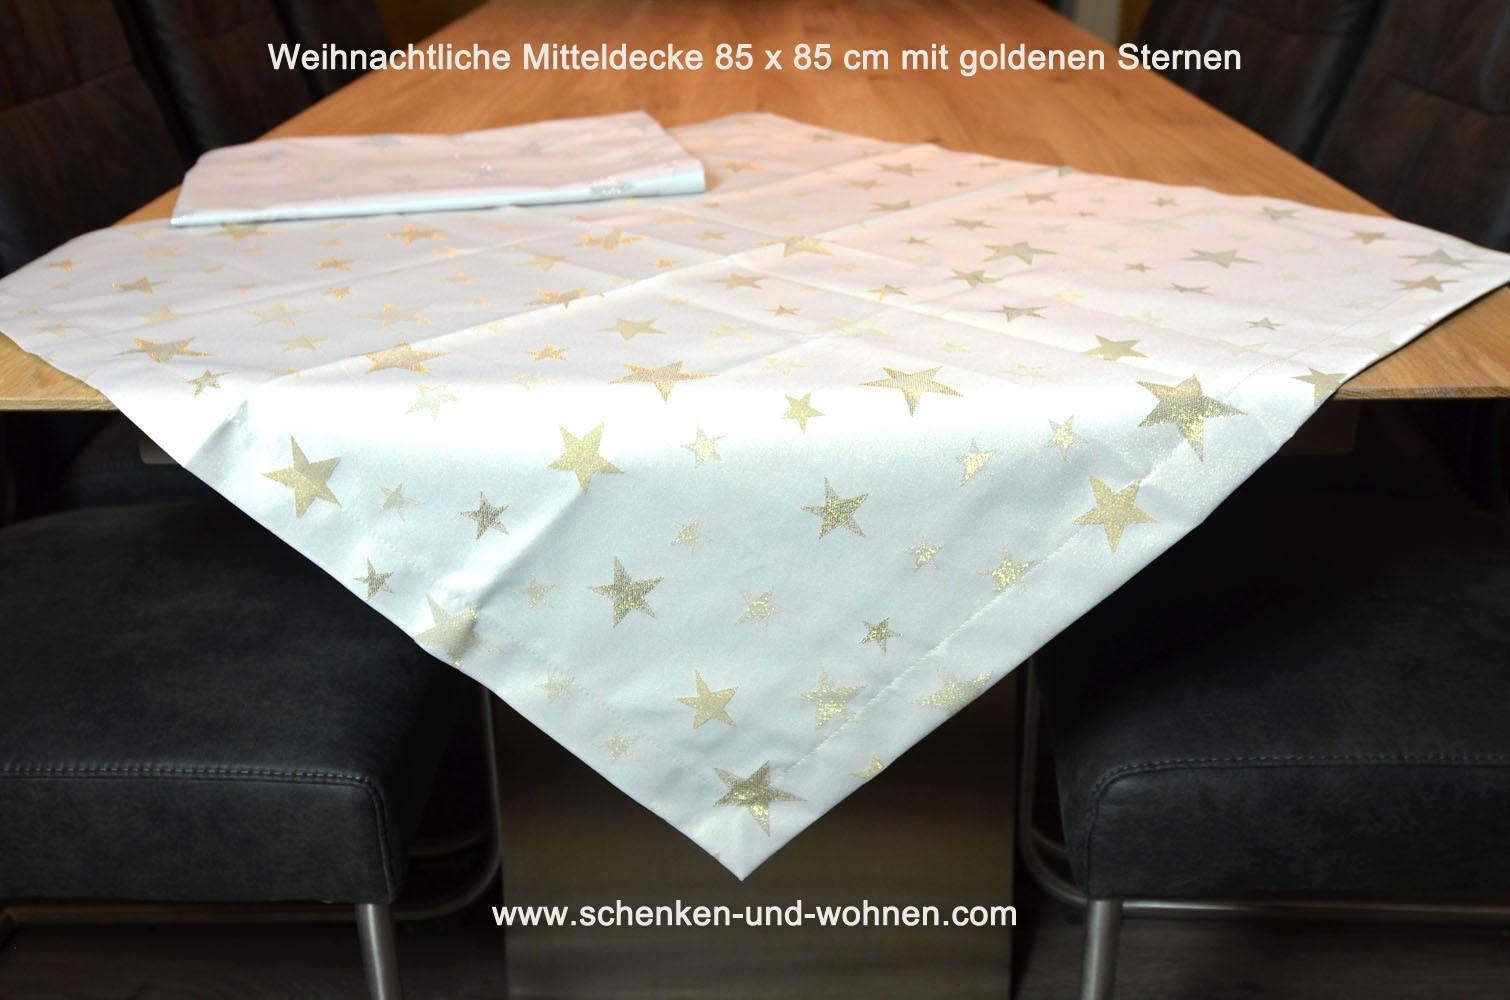 Mitteldecke 85 x 85 cm Sterne gold